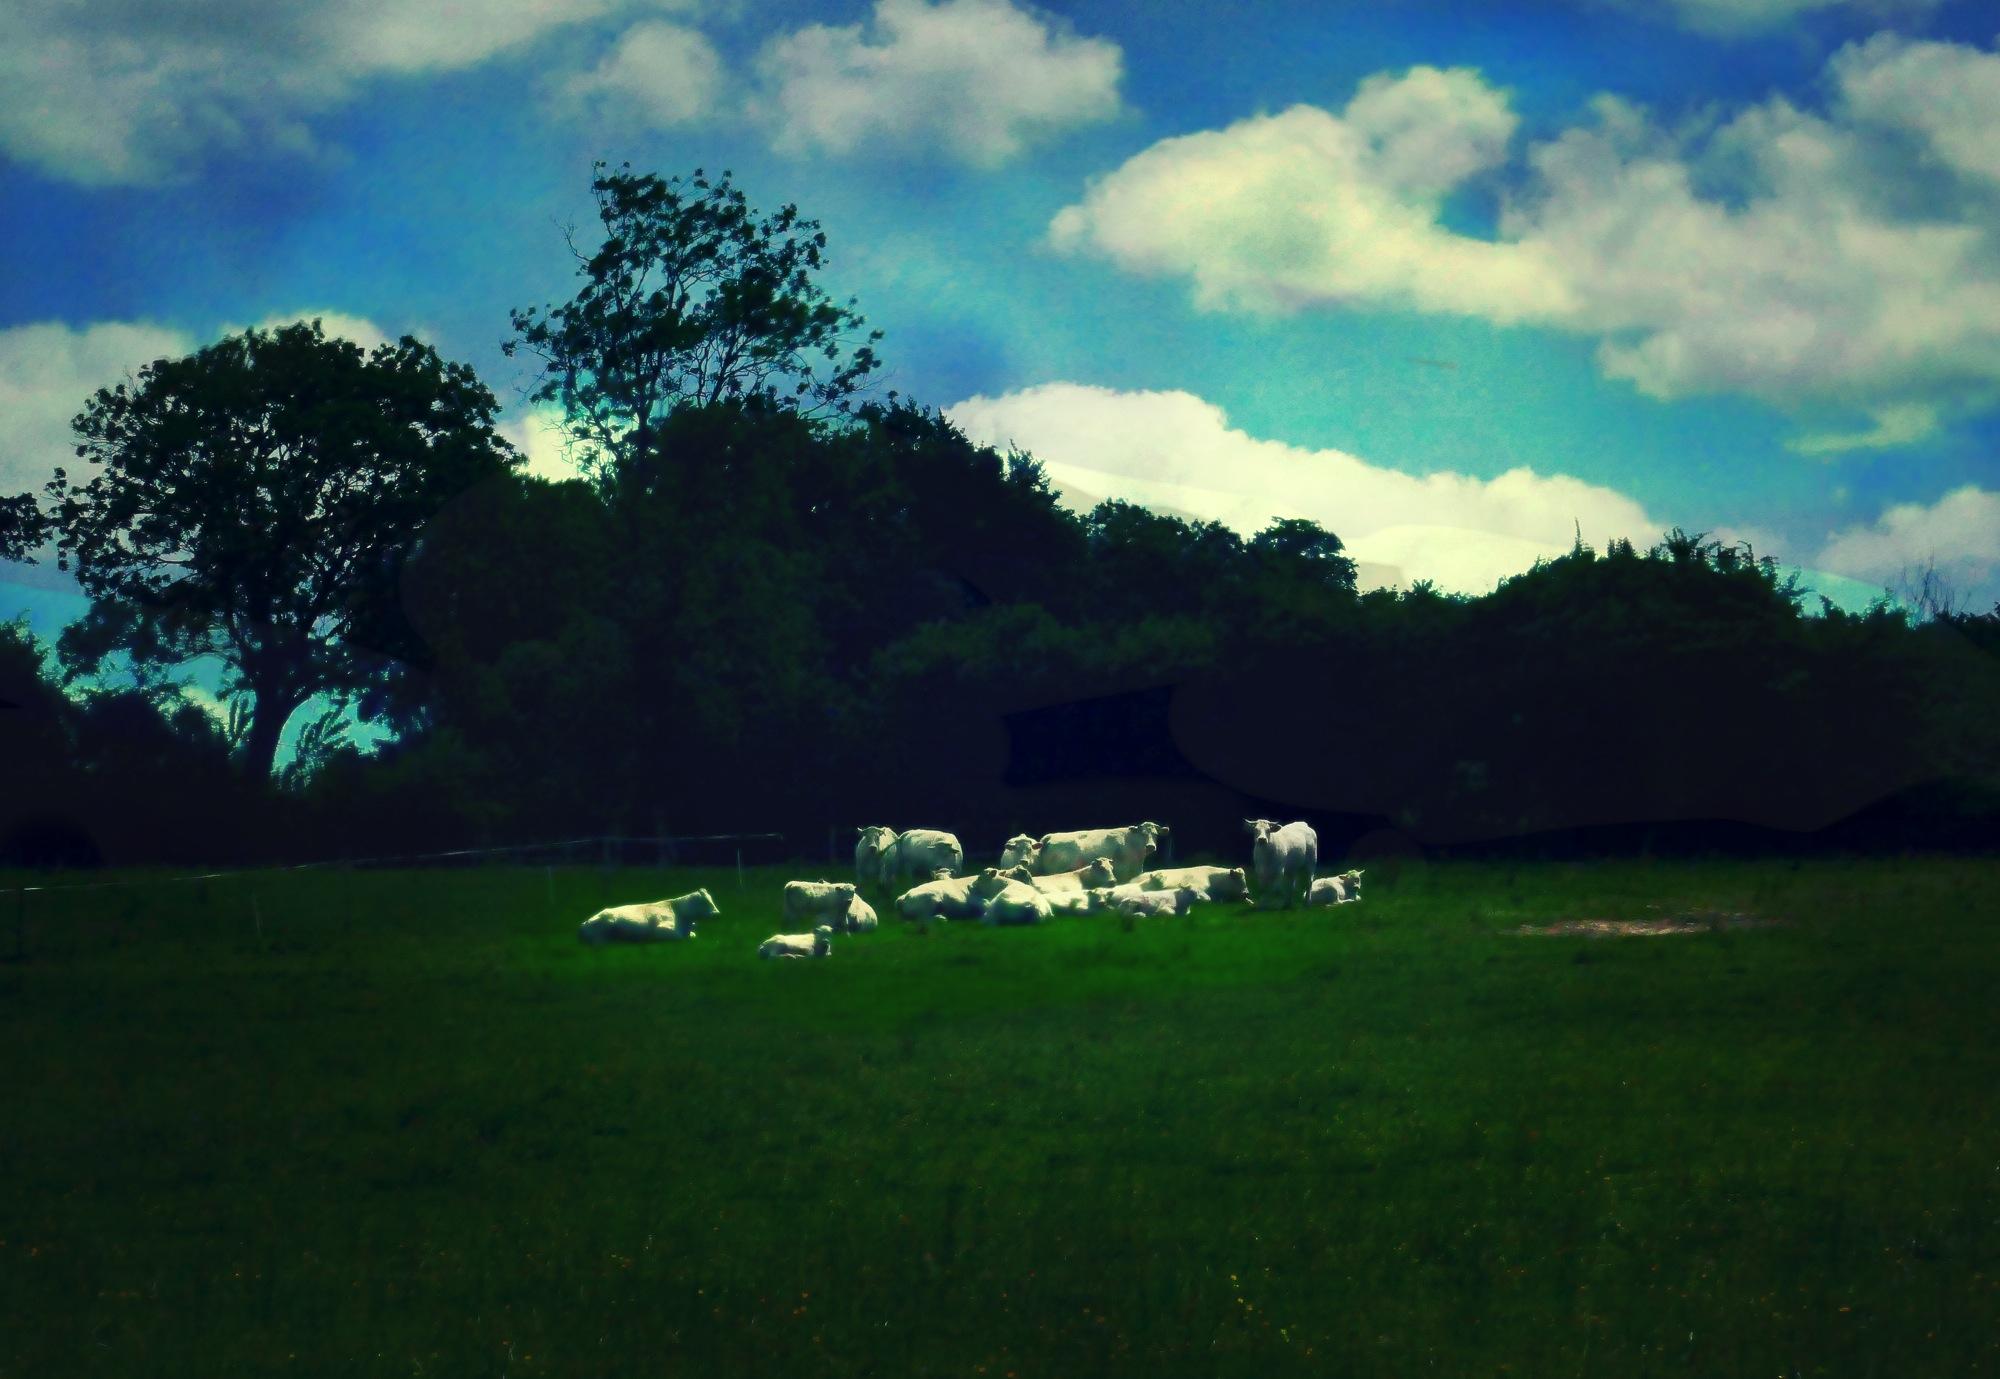 Les vaches paysage au couchant